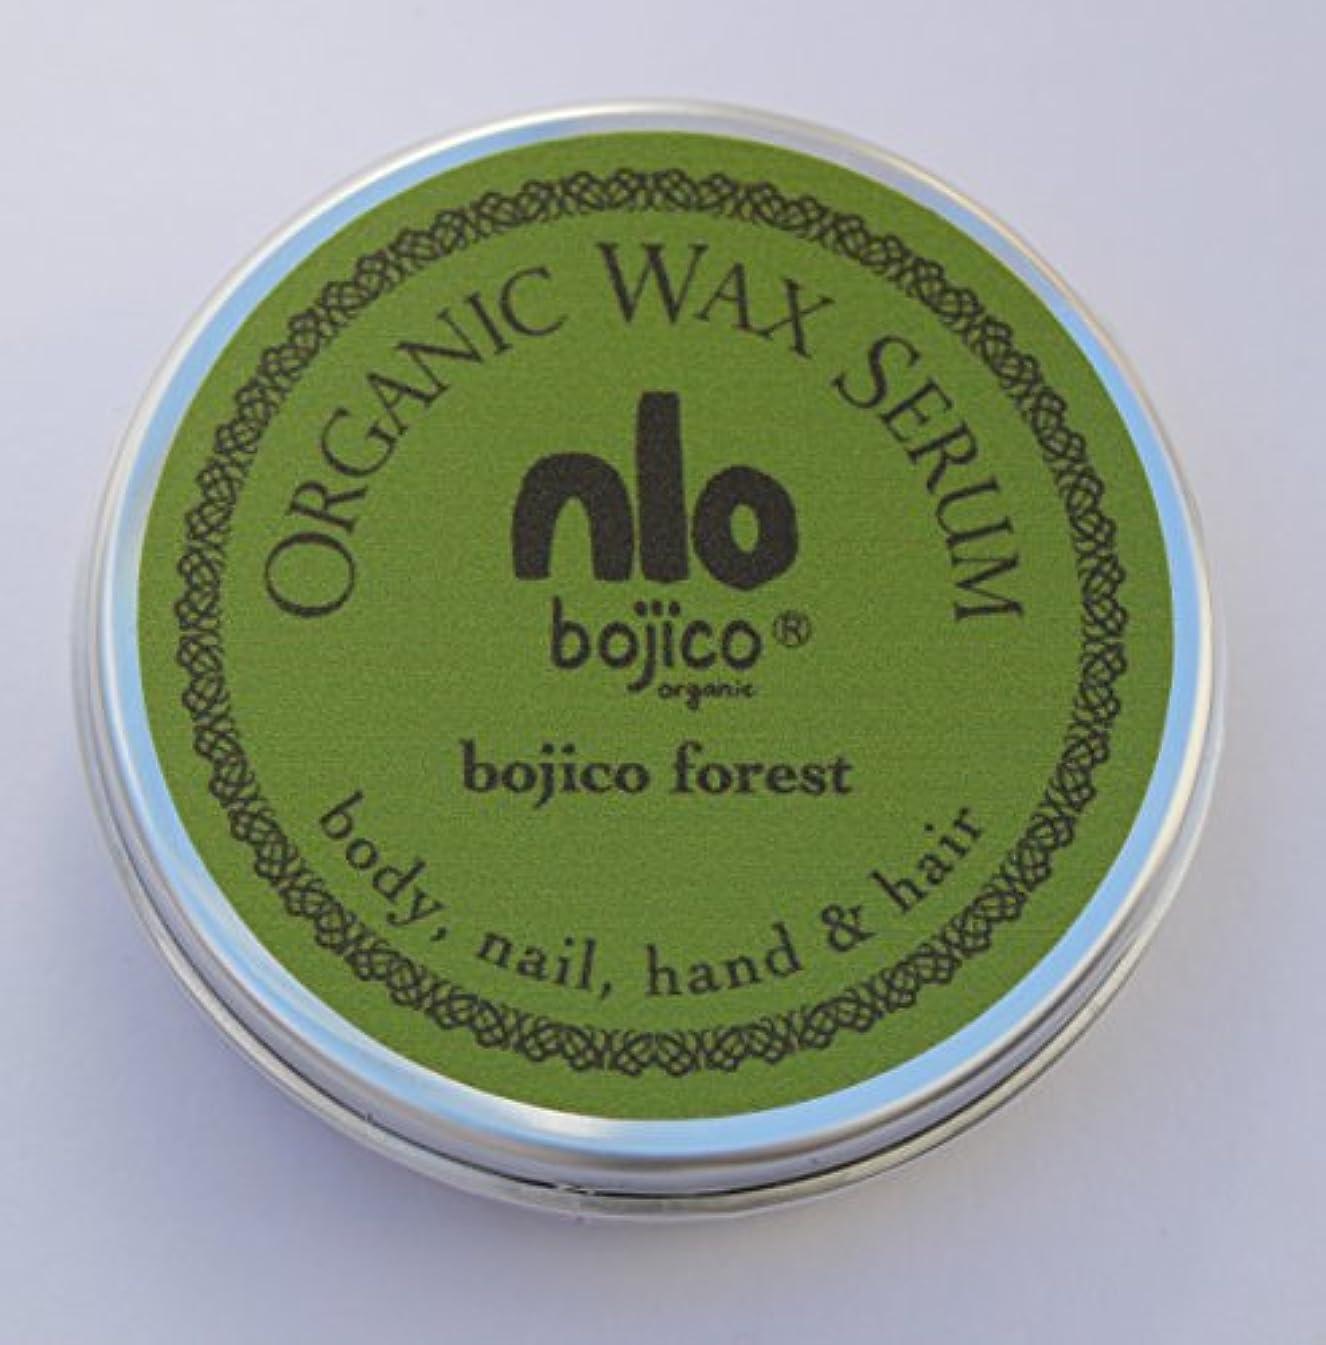 パッケージ扱うご予約bojico オーガニック ワックス セラム<フォレスト> Organic Wax Serum 40g